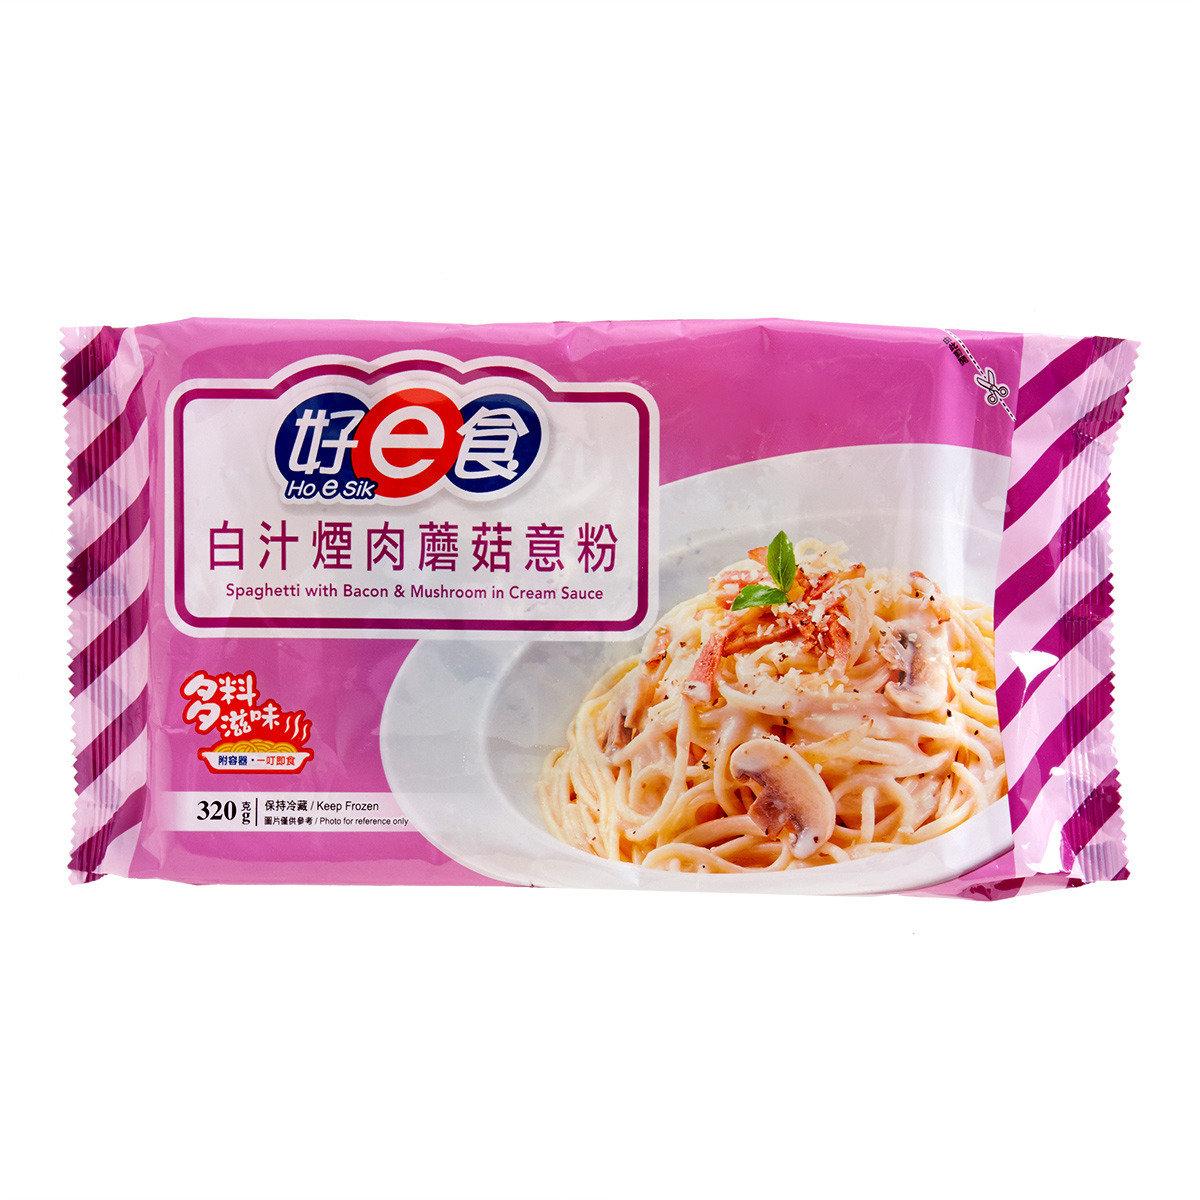 好e食 - 白汁煙肉磨菇意粉 (急凍)